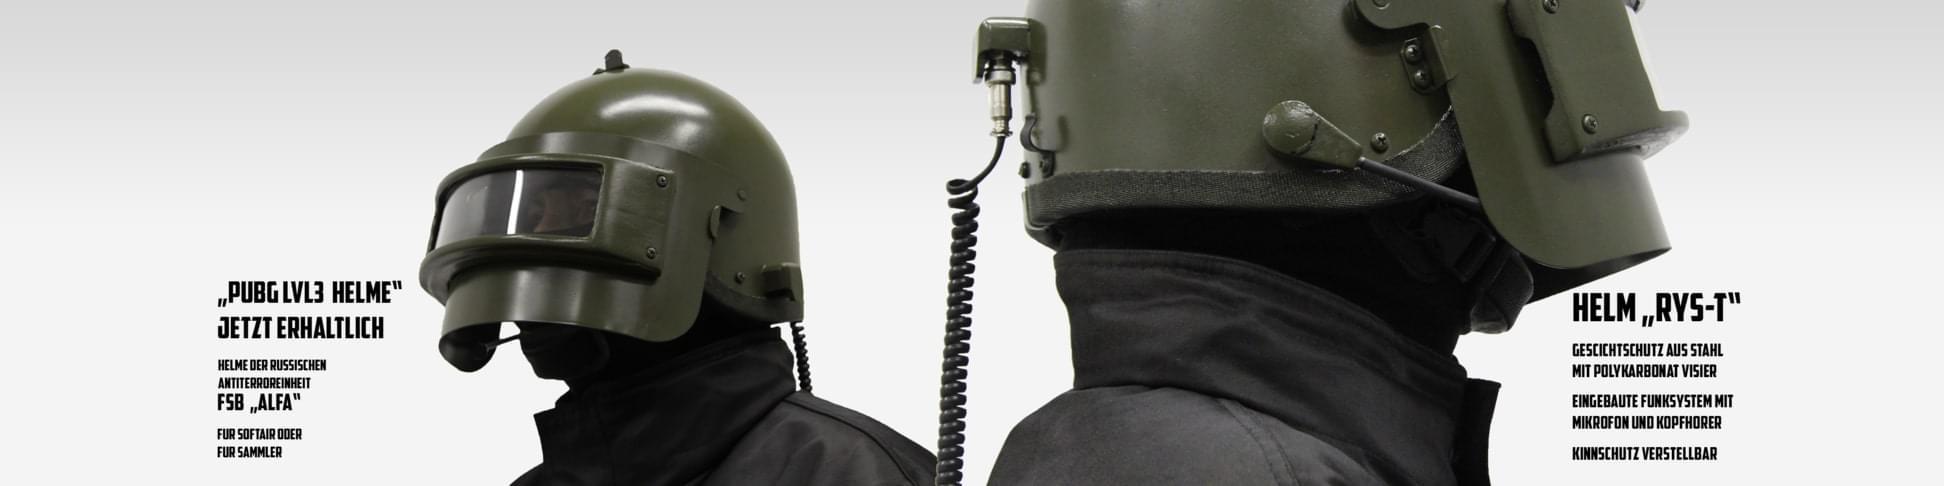 Slider-Vorlage-Pubg-Helme-1